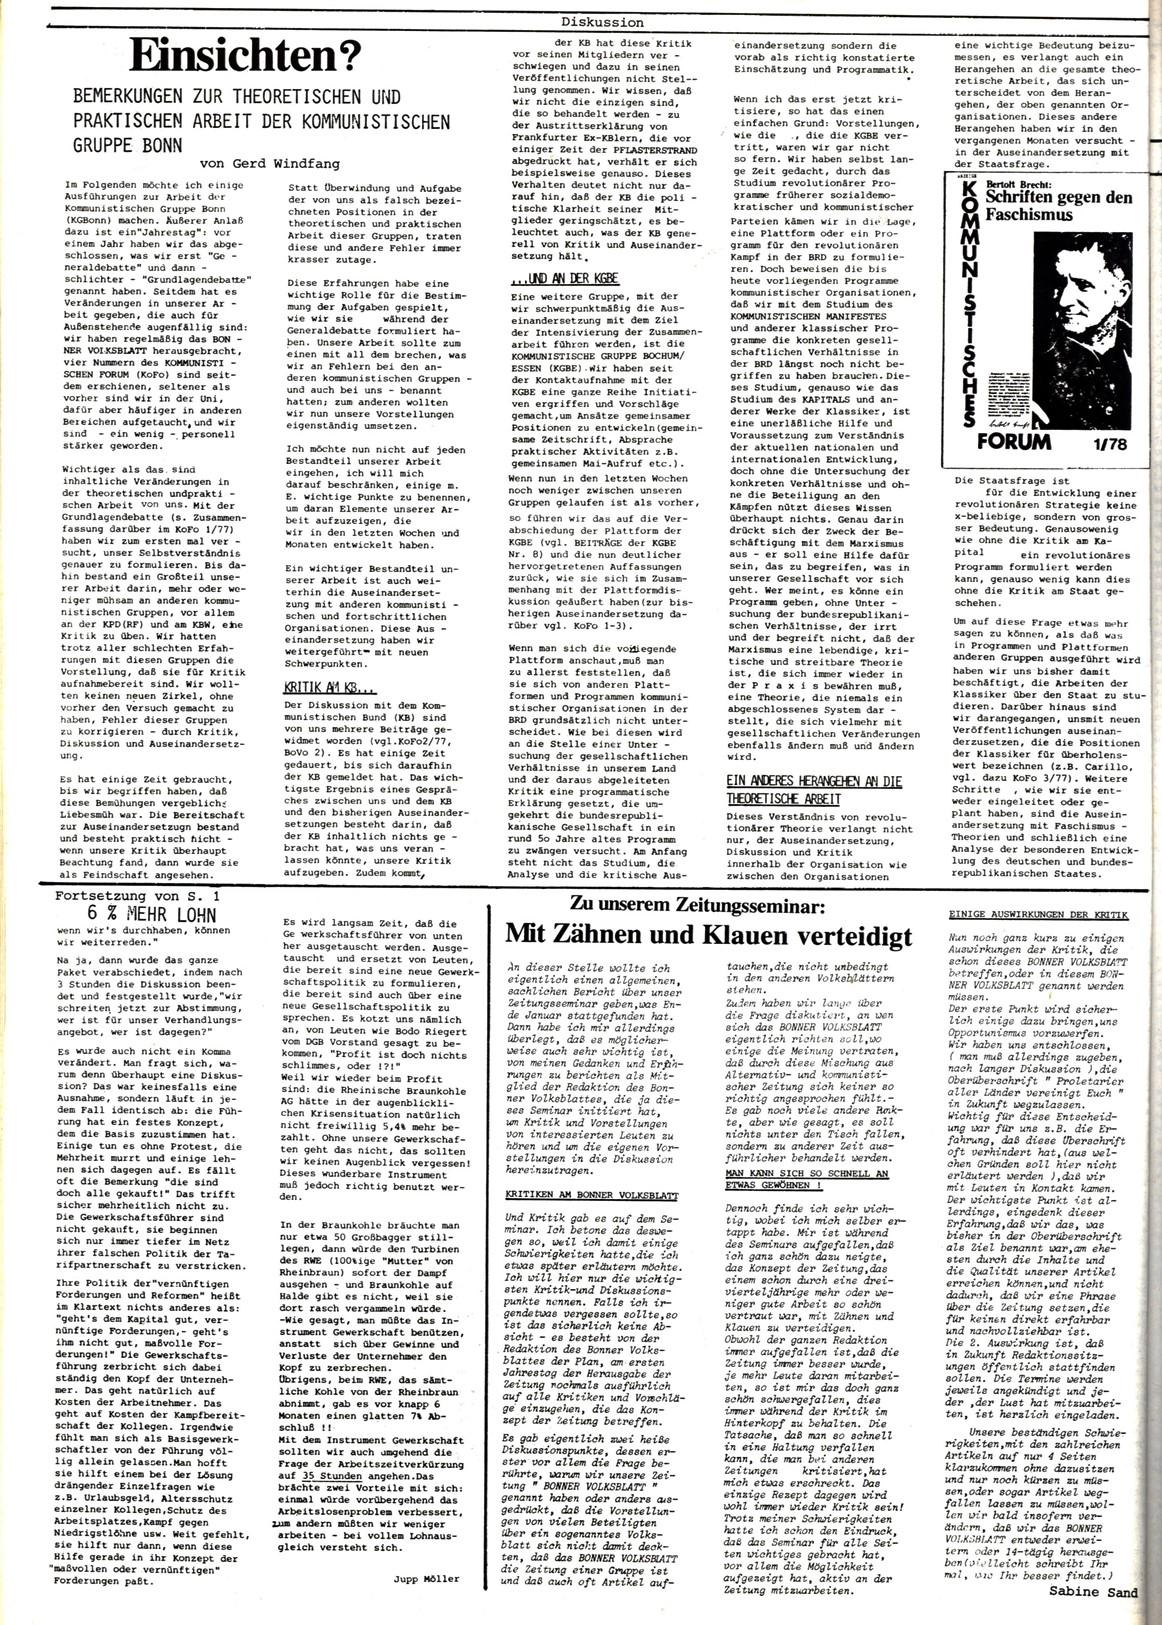 Bonner_Volksblatt_10_19780228_08